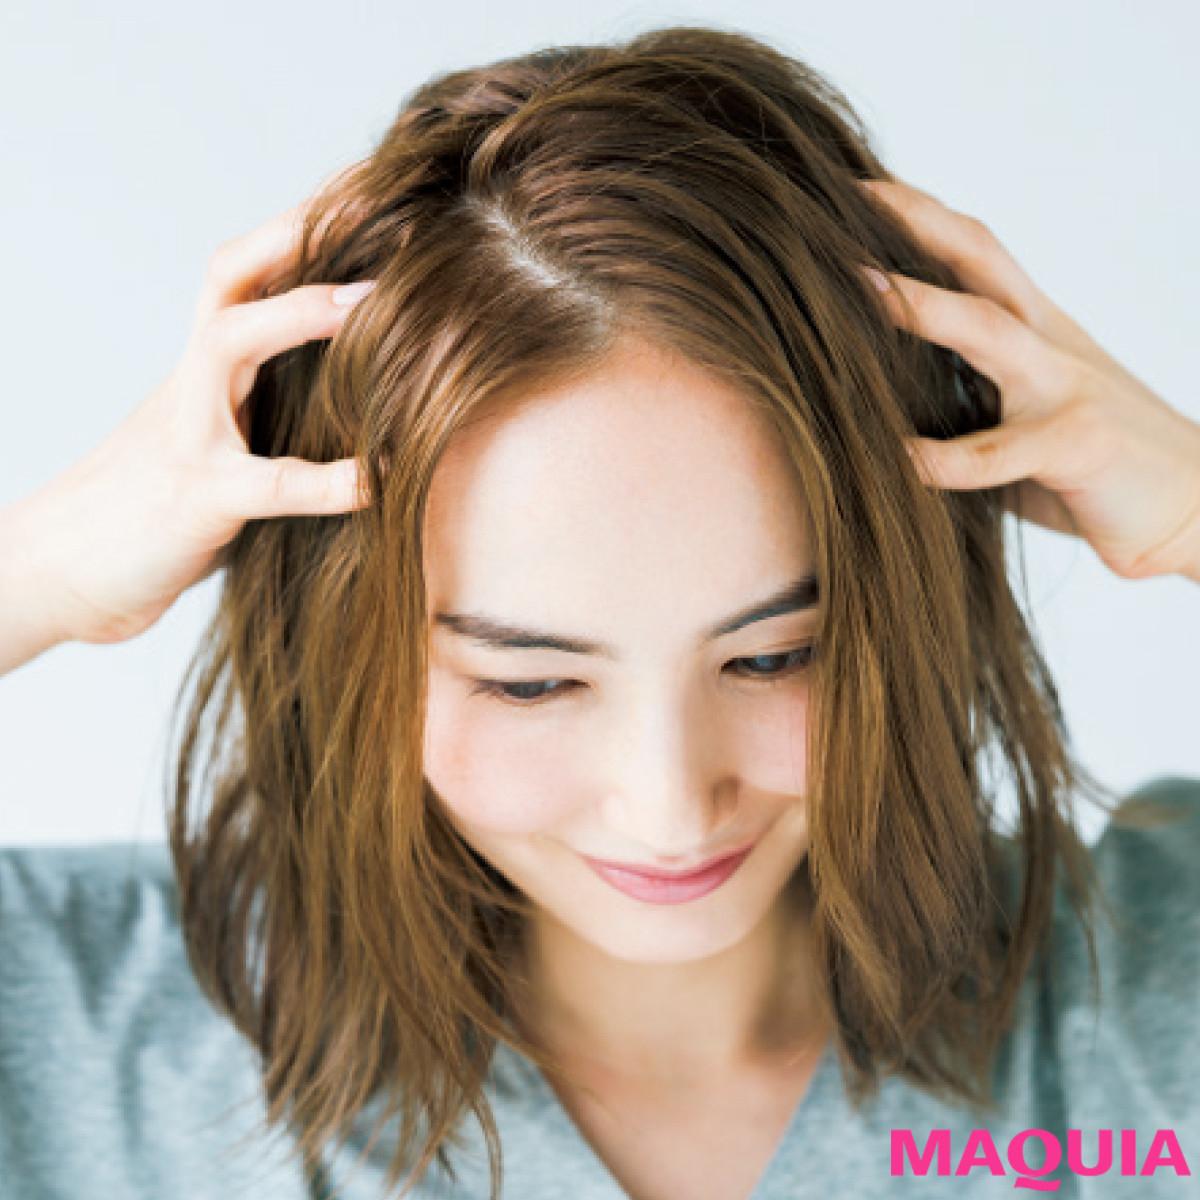 【夏老け髪の解消法Q&A】今すぐ知りたい! 美髪のリカバリー法をプロが伝授